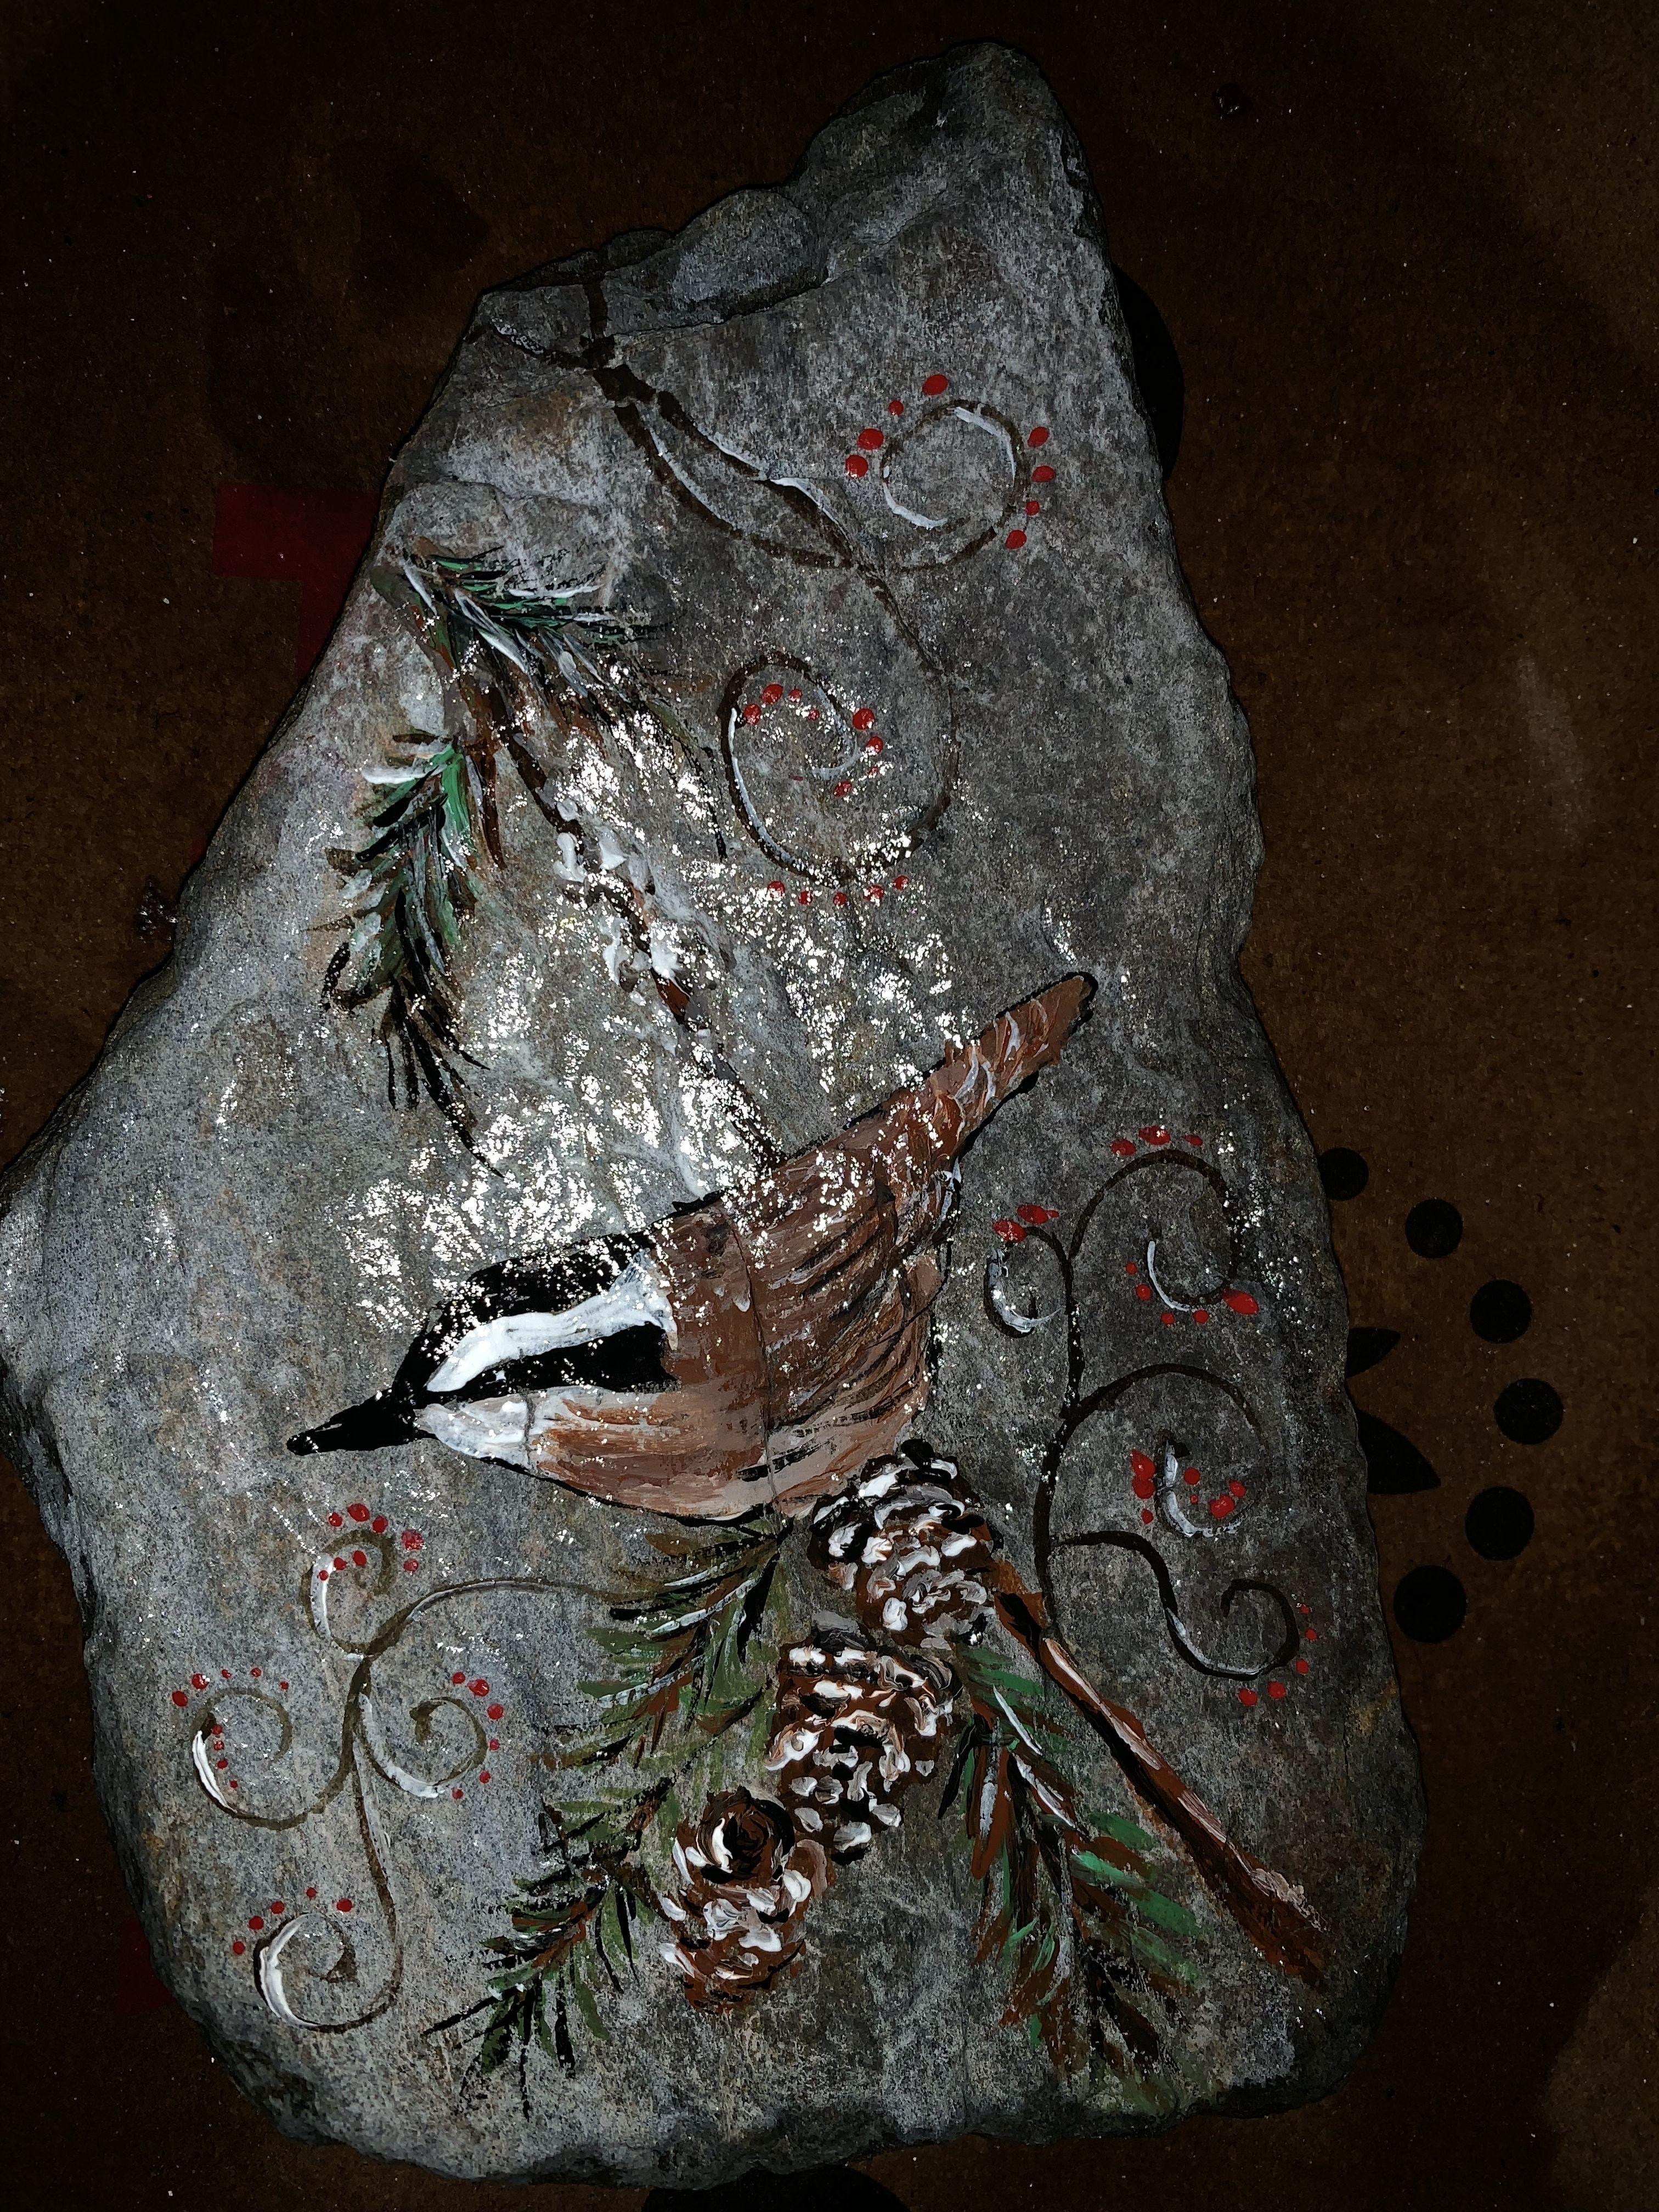 Pin by Jenny Pelletier on Jenny's Painted Rocks Rock